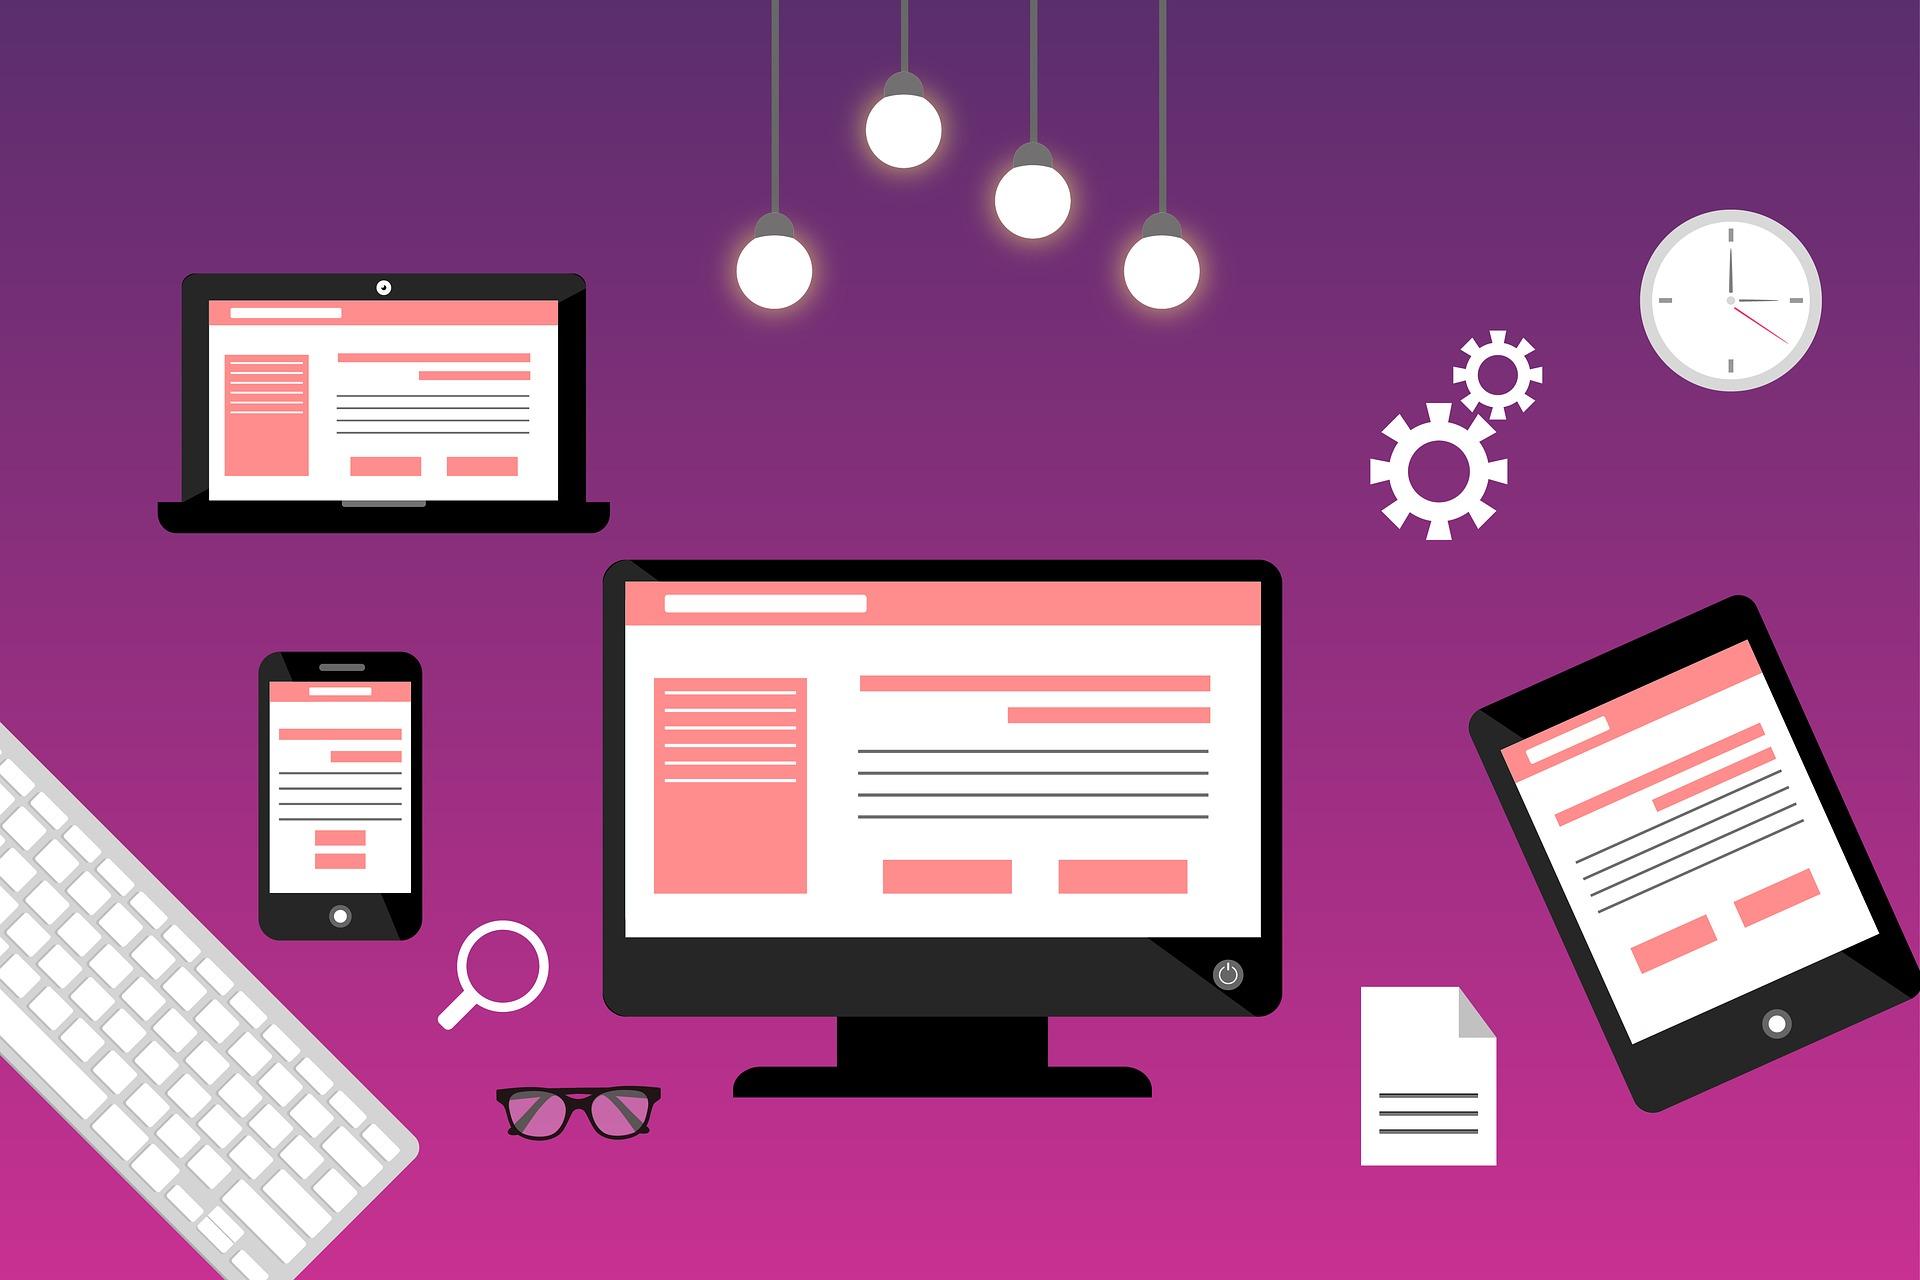 Come implementare le personalizzazioni in un sito internet?